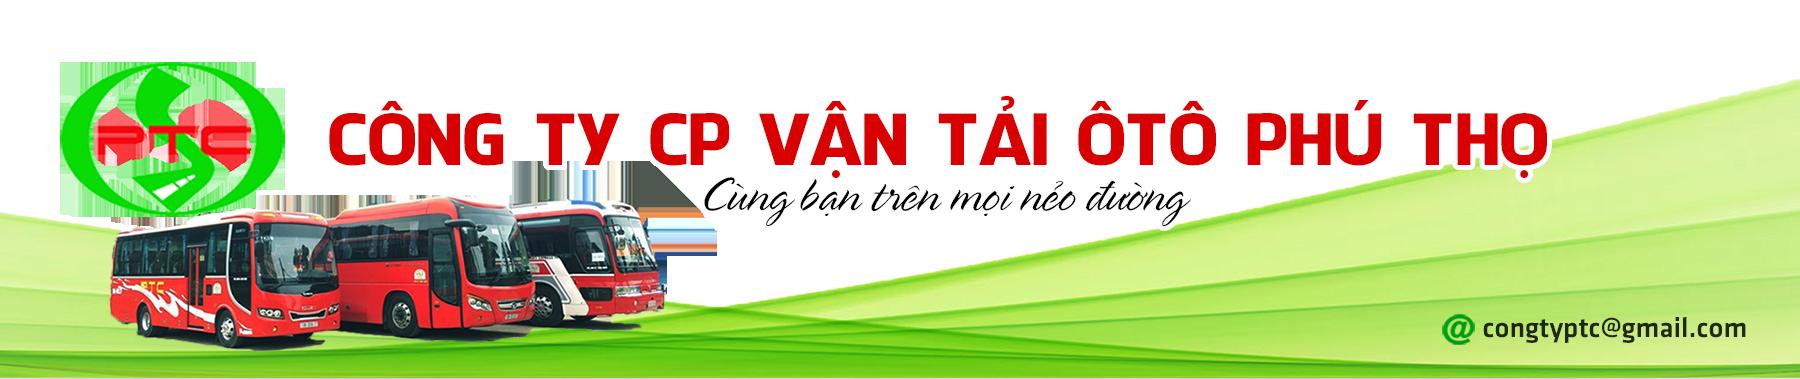 Công ty cổ phần vận tải ô tô Phú Thọ